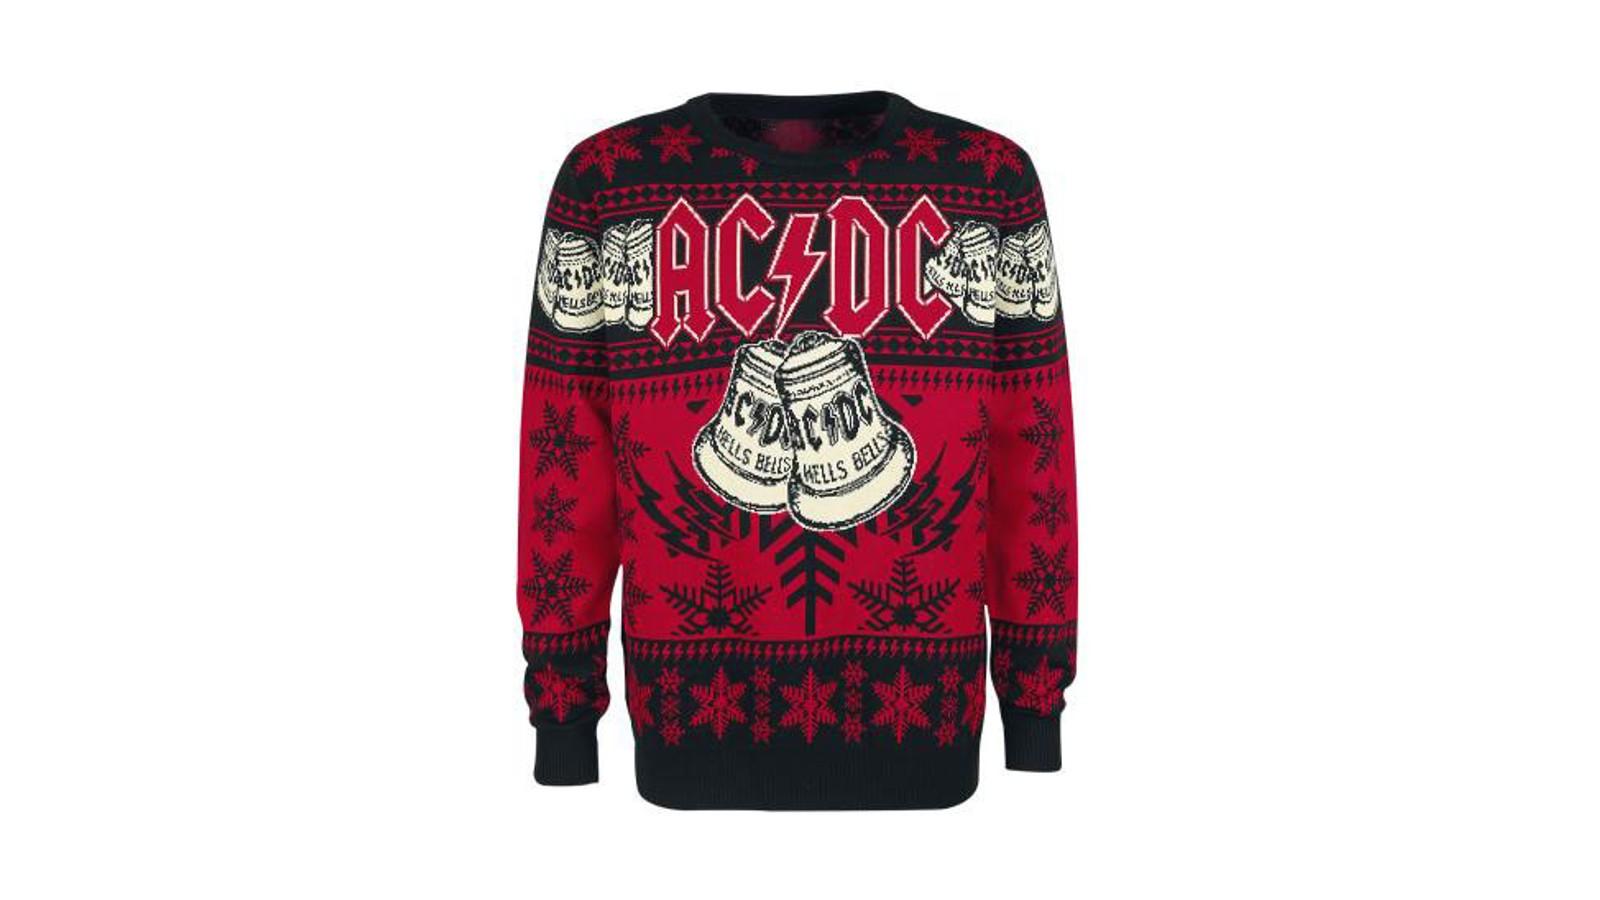 Jingle bells eller hells bells? Som AC/DC-fan velger du kanskje sistnevnte, og med denne genseren kan du vise det til alle og enhver.